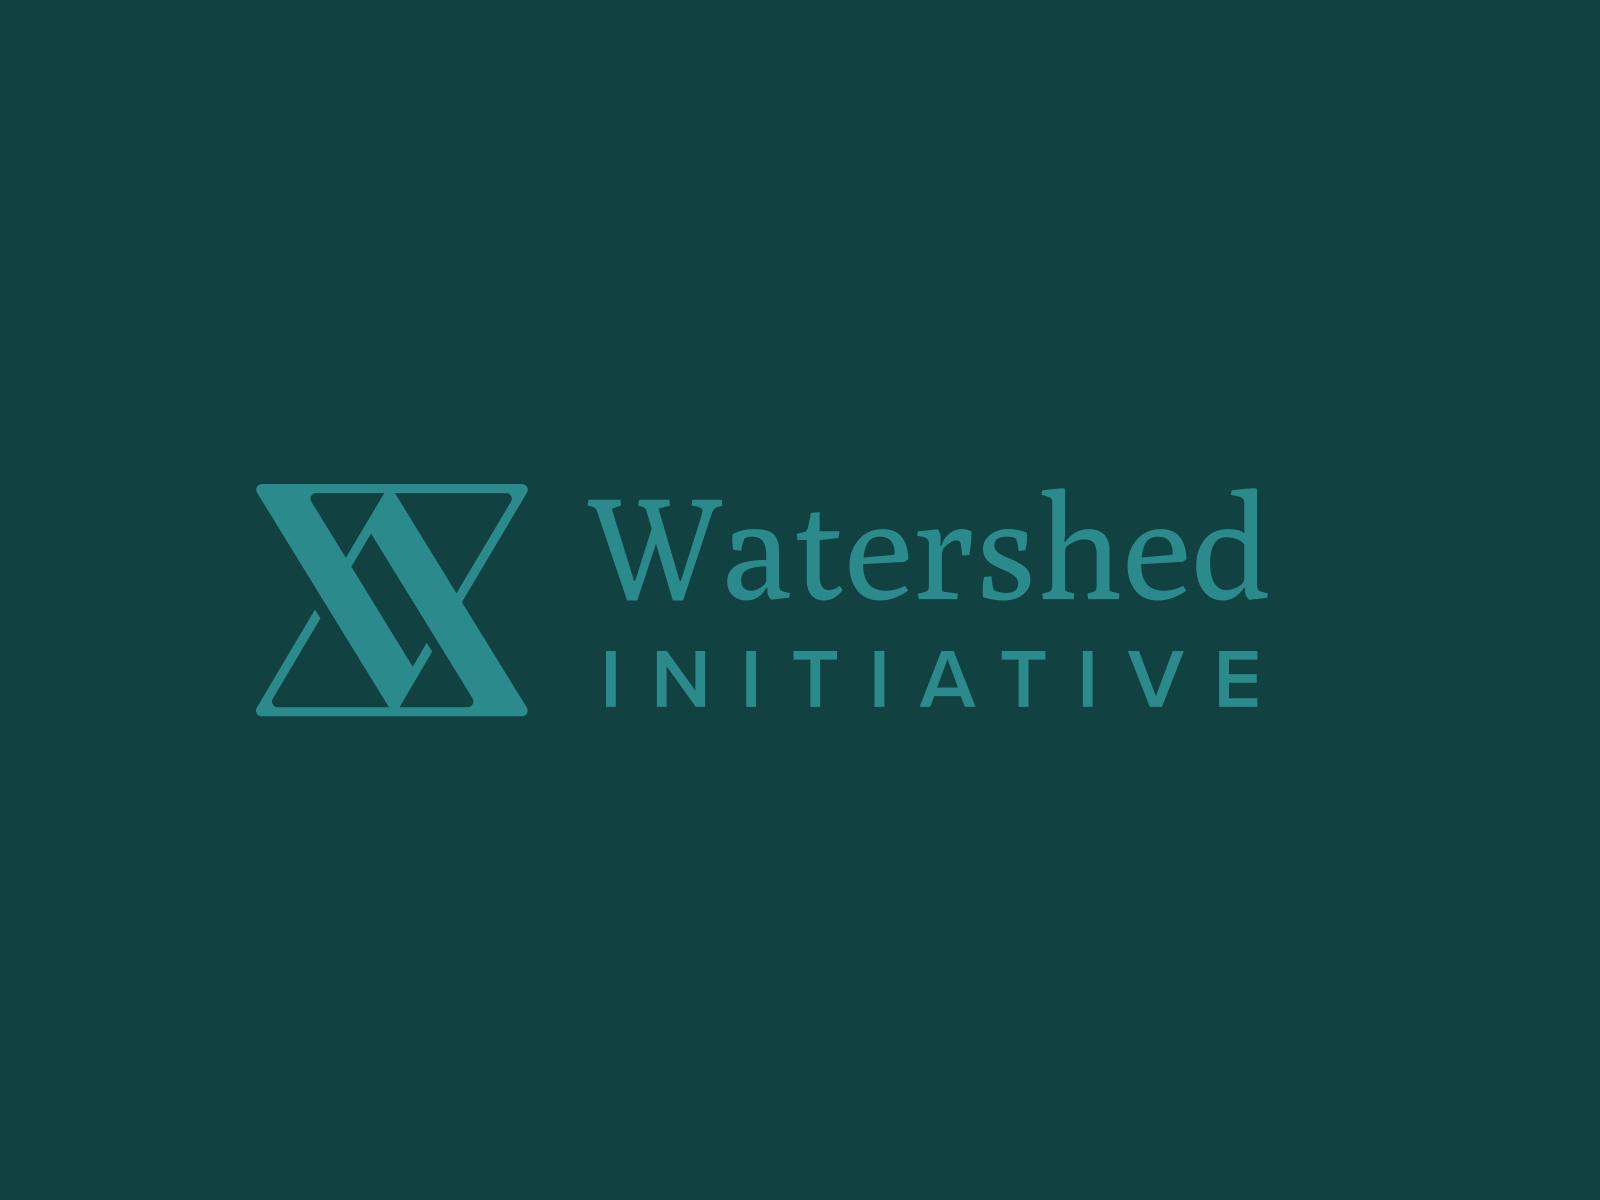 Watershed wordmark